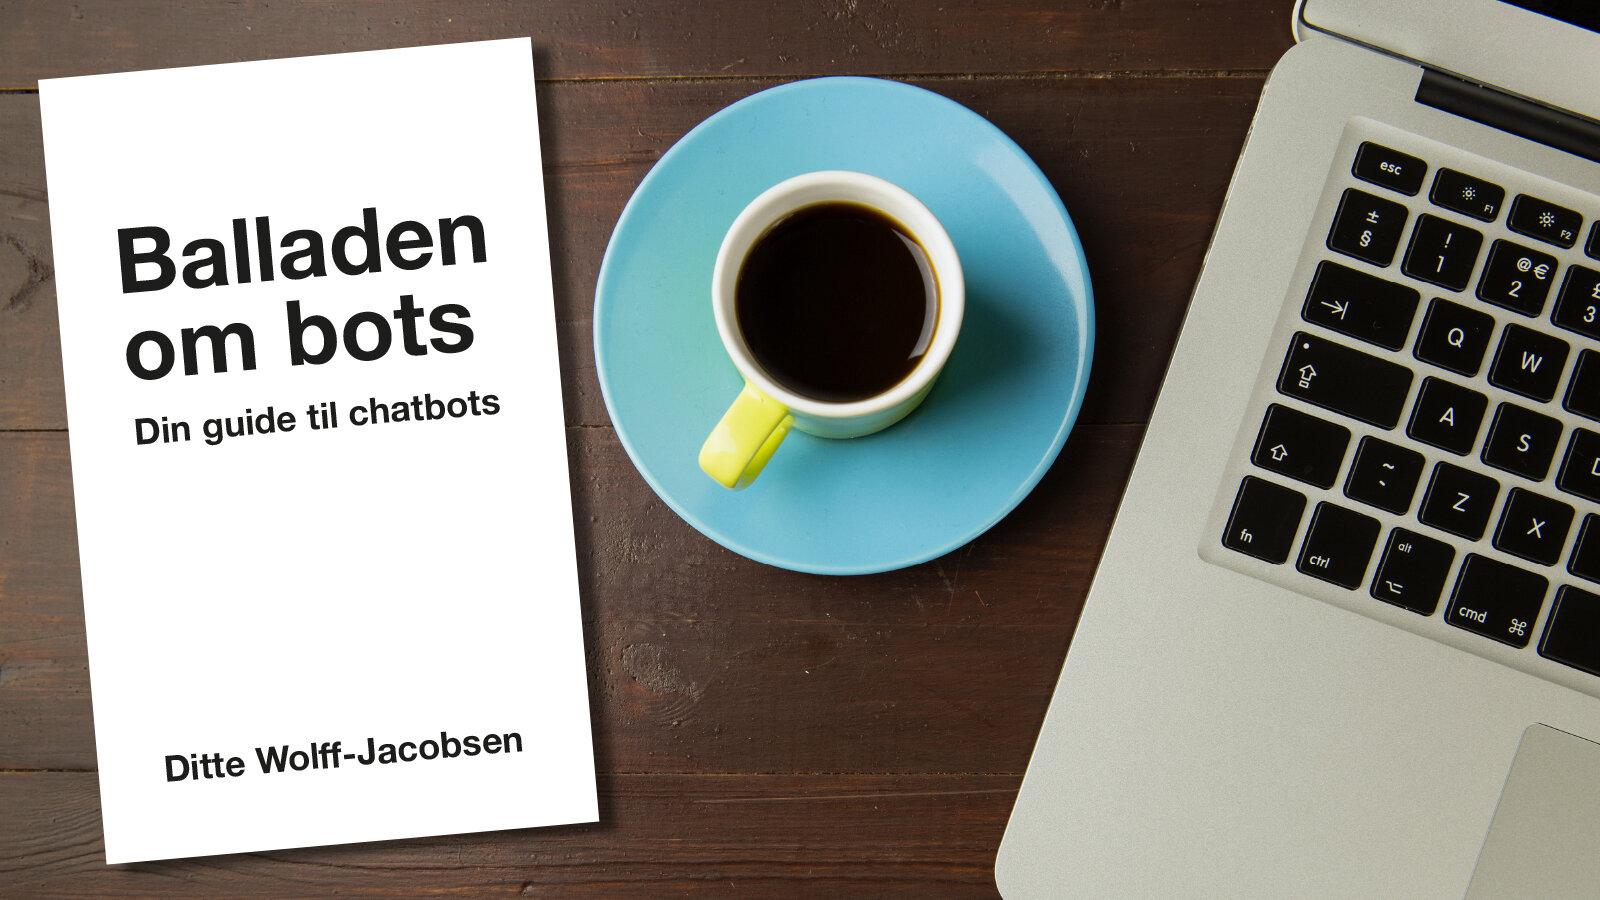 Bannere_Balladen-om-bots_1600x900_1.jpg